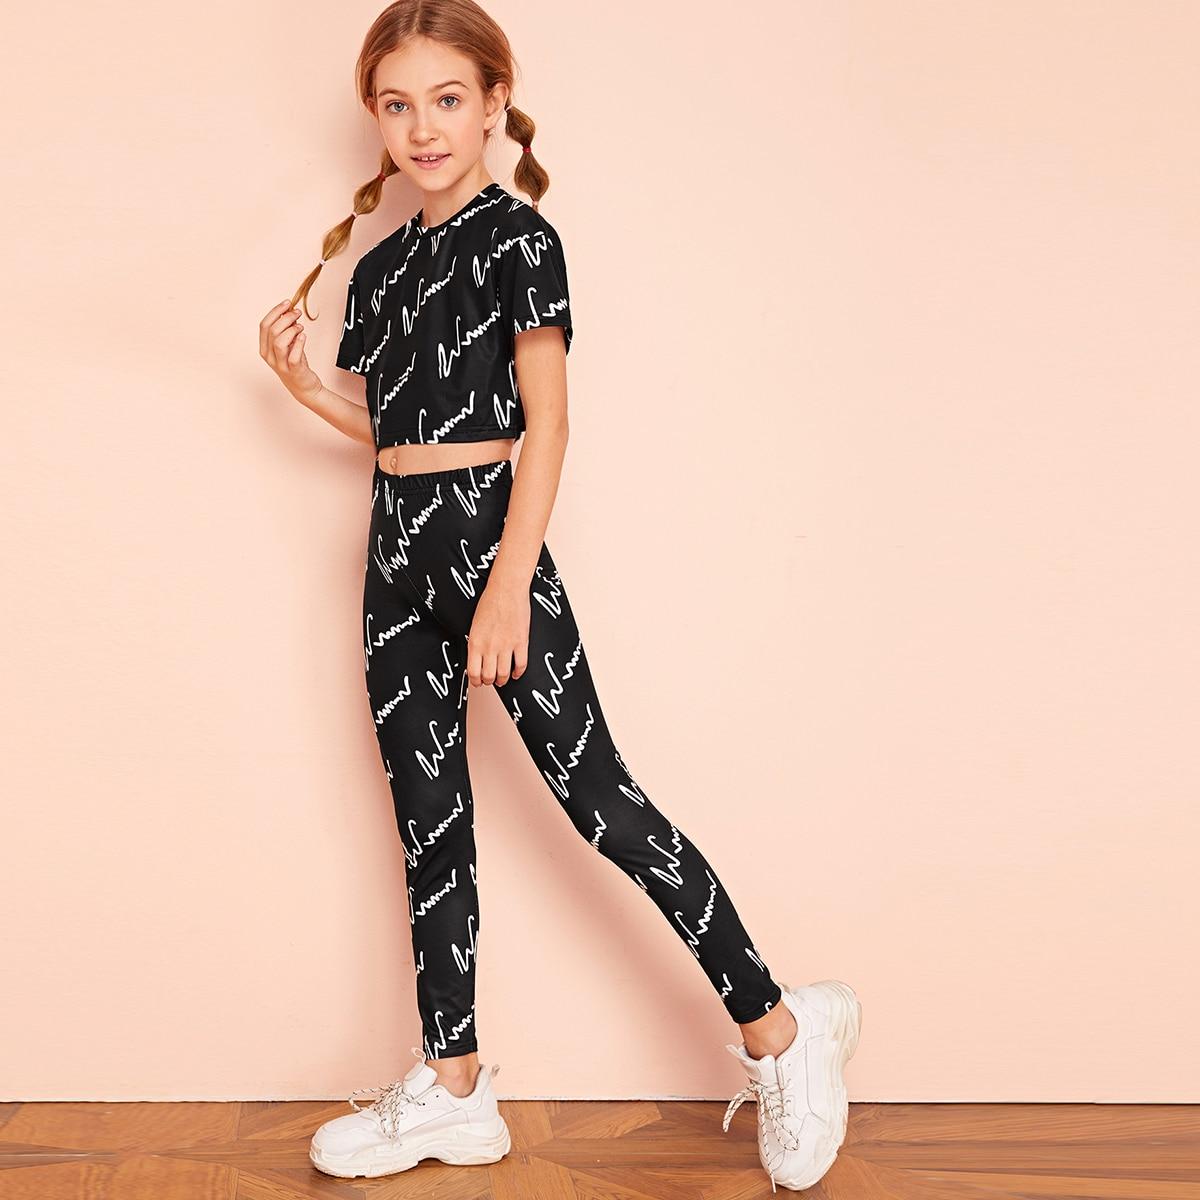 SHEIN / Mädchen Crop Top mit Buchstaben Muster & Leggings Set